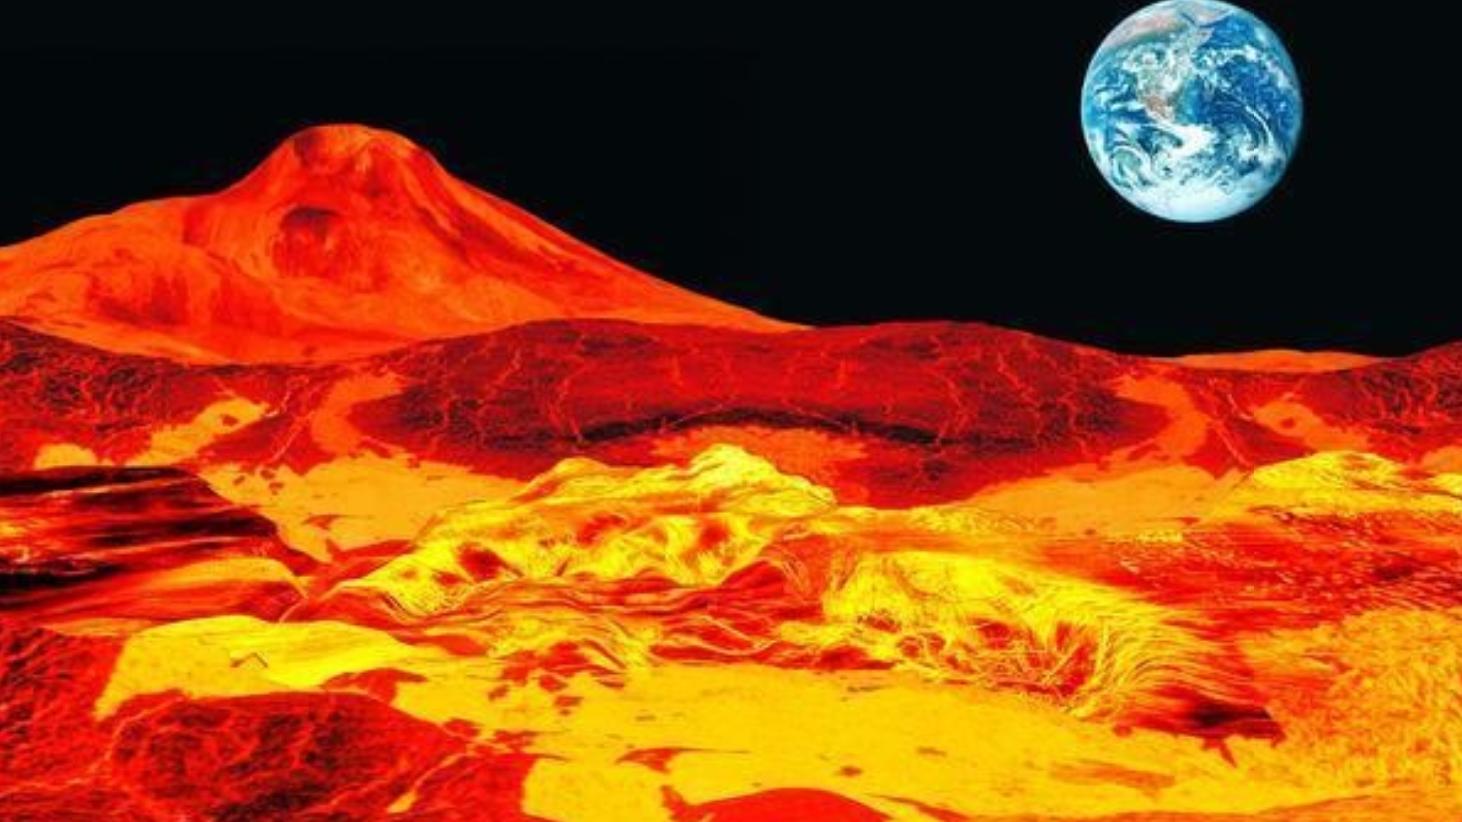 30亿年前的金星是最适宜生存的星球,而地球还是一颗死亡行星